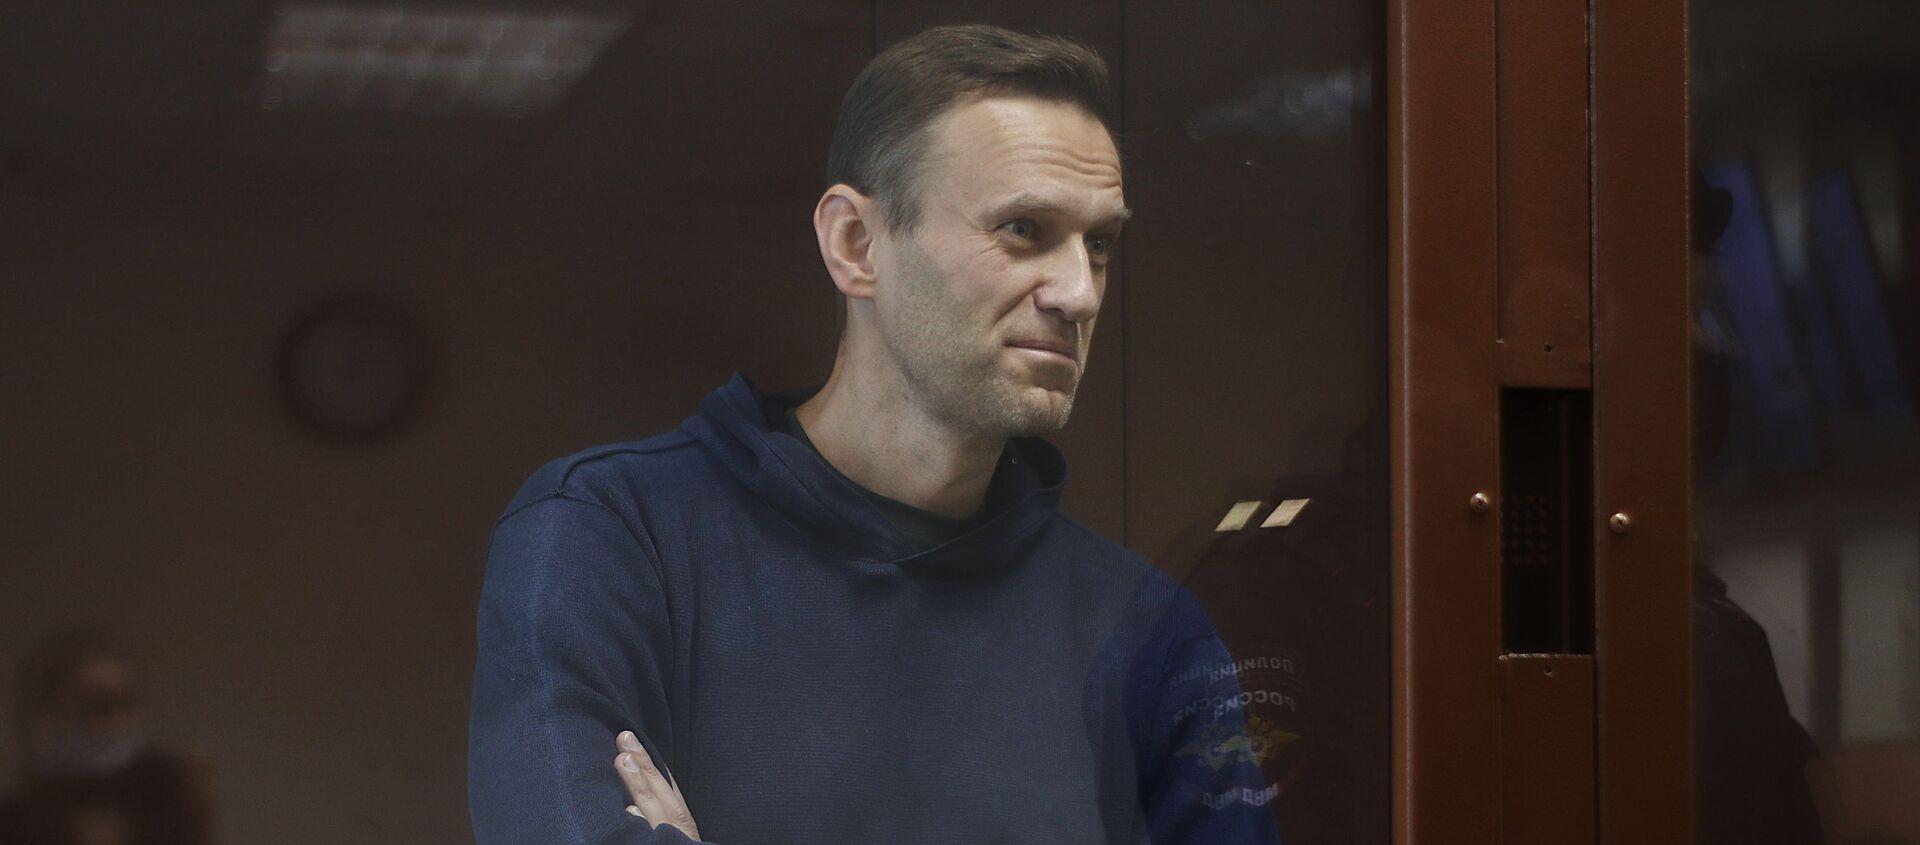 Алексей Навальный в зале Бабушкинского районного суда - Sputnik Таджикистан, 1920, 06.02.2021